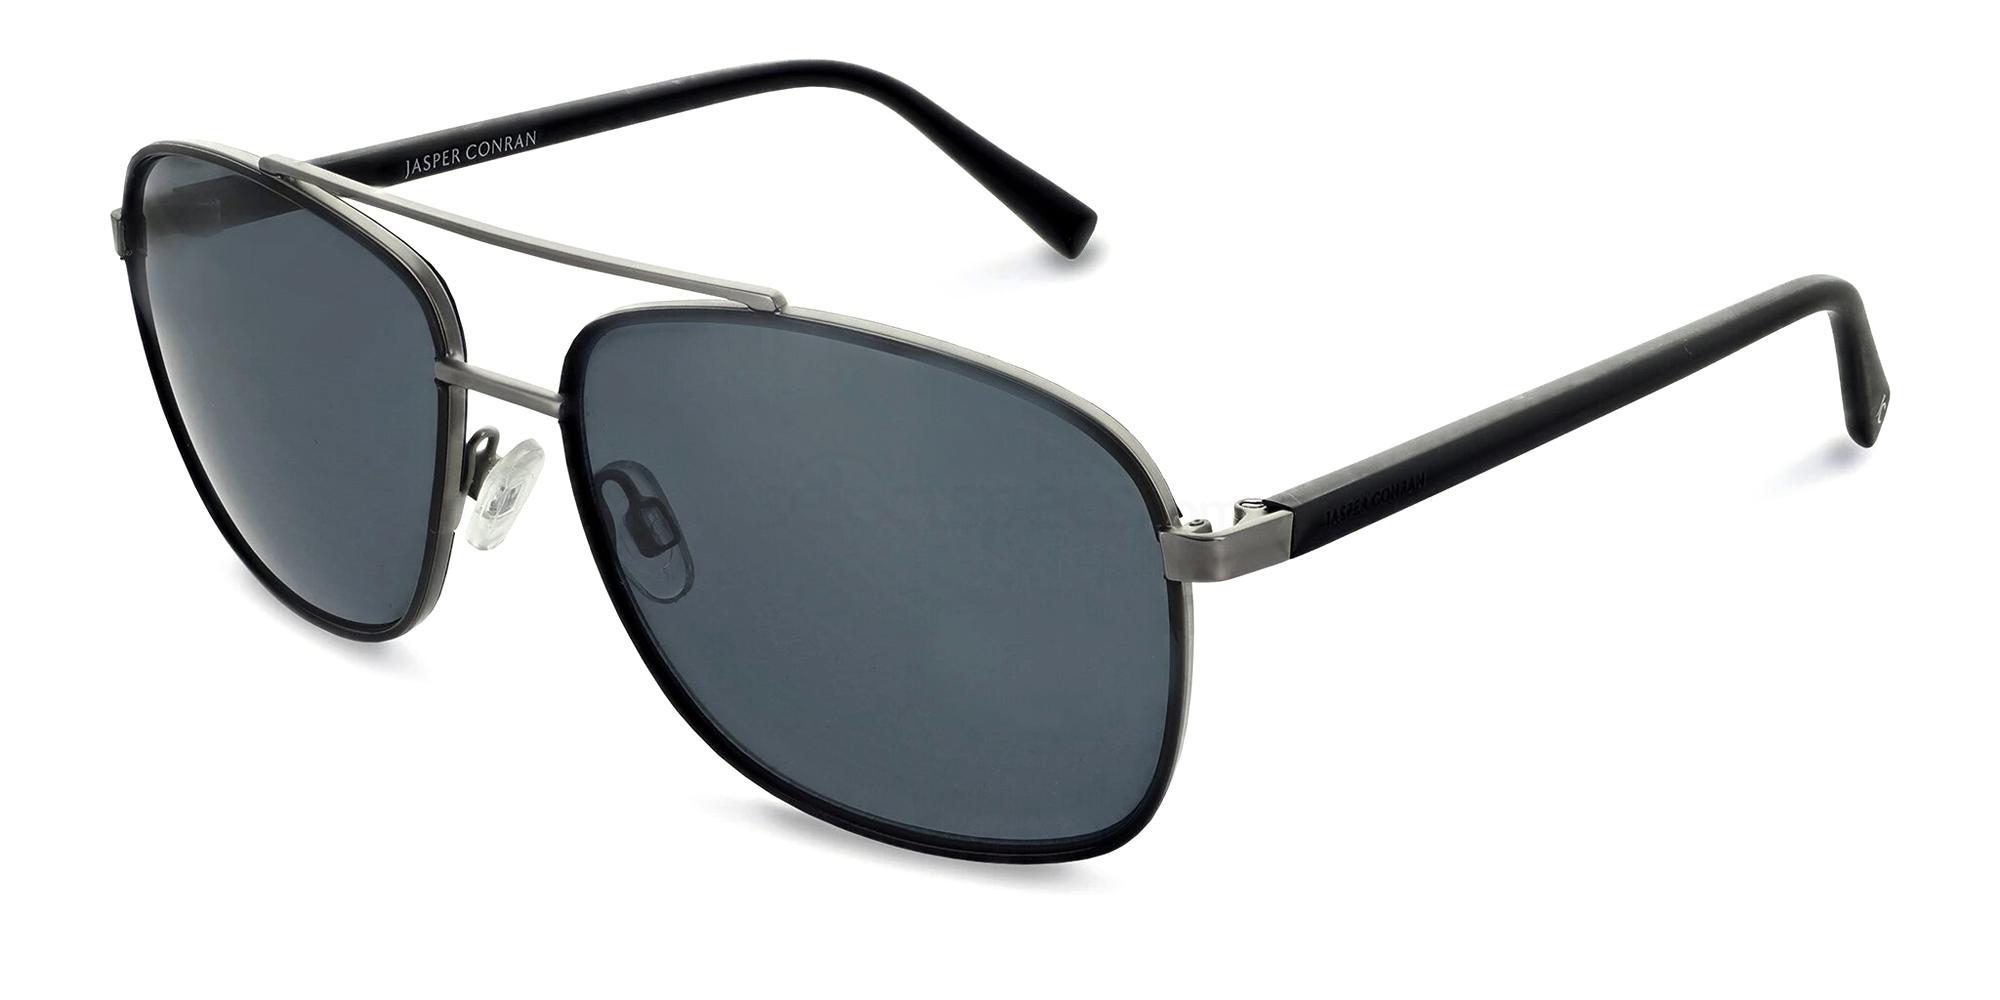 Black/Tort JCMSUN16 Sunglasses, Jasper Conran